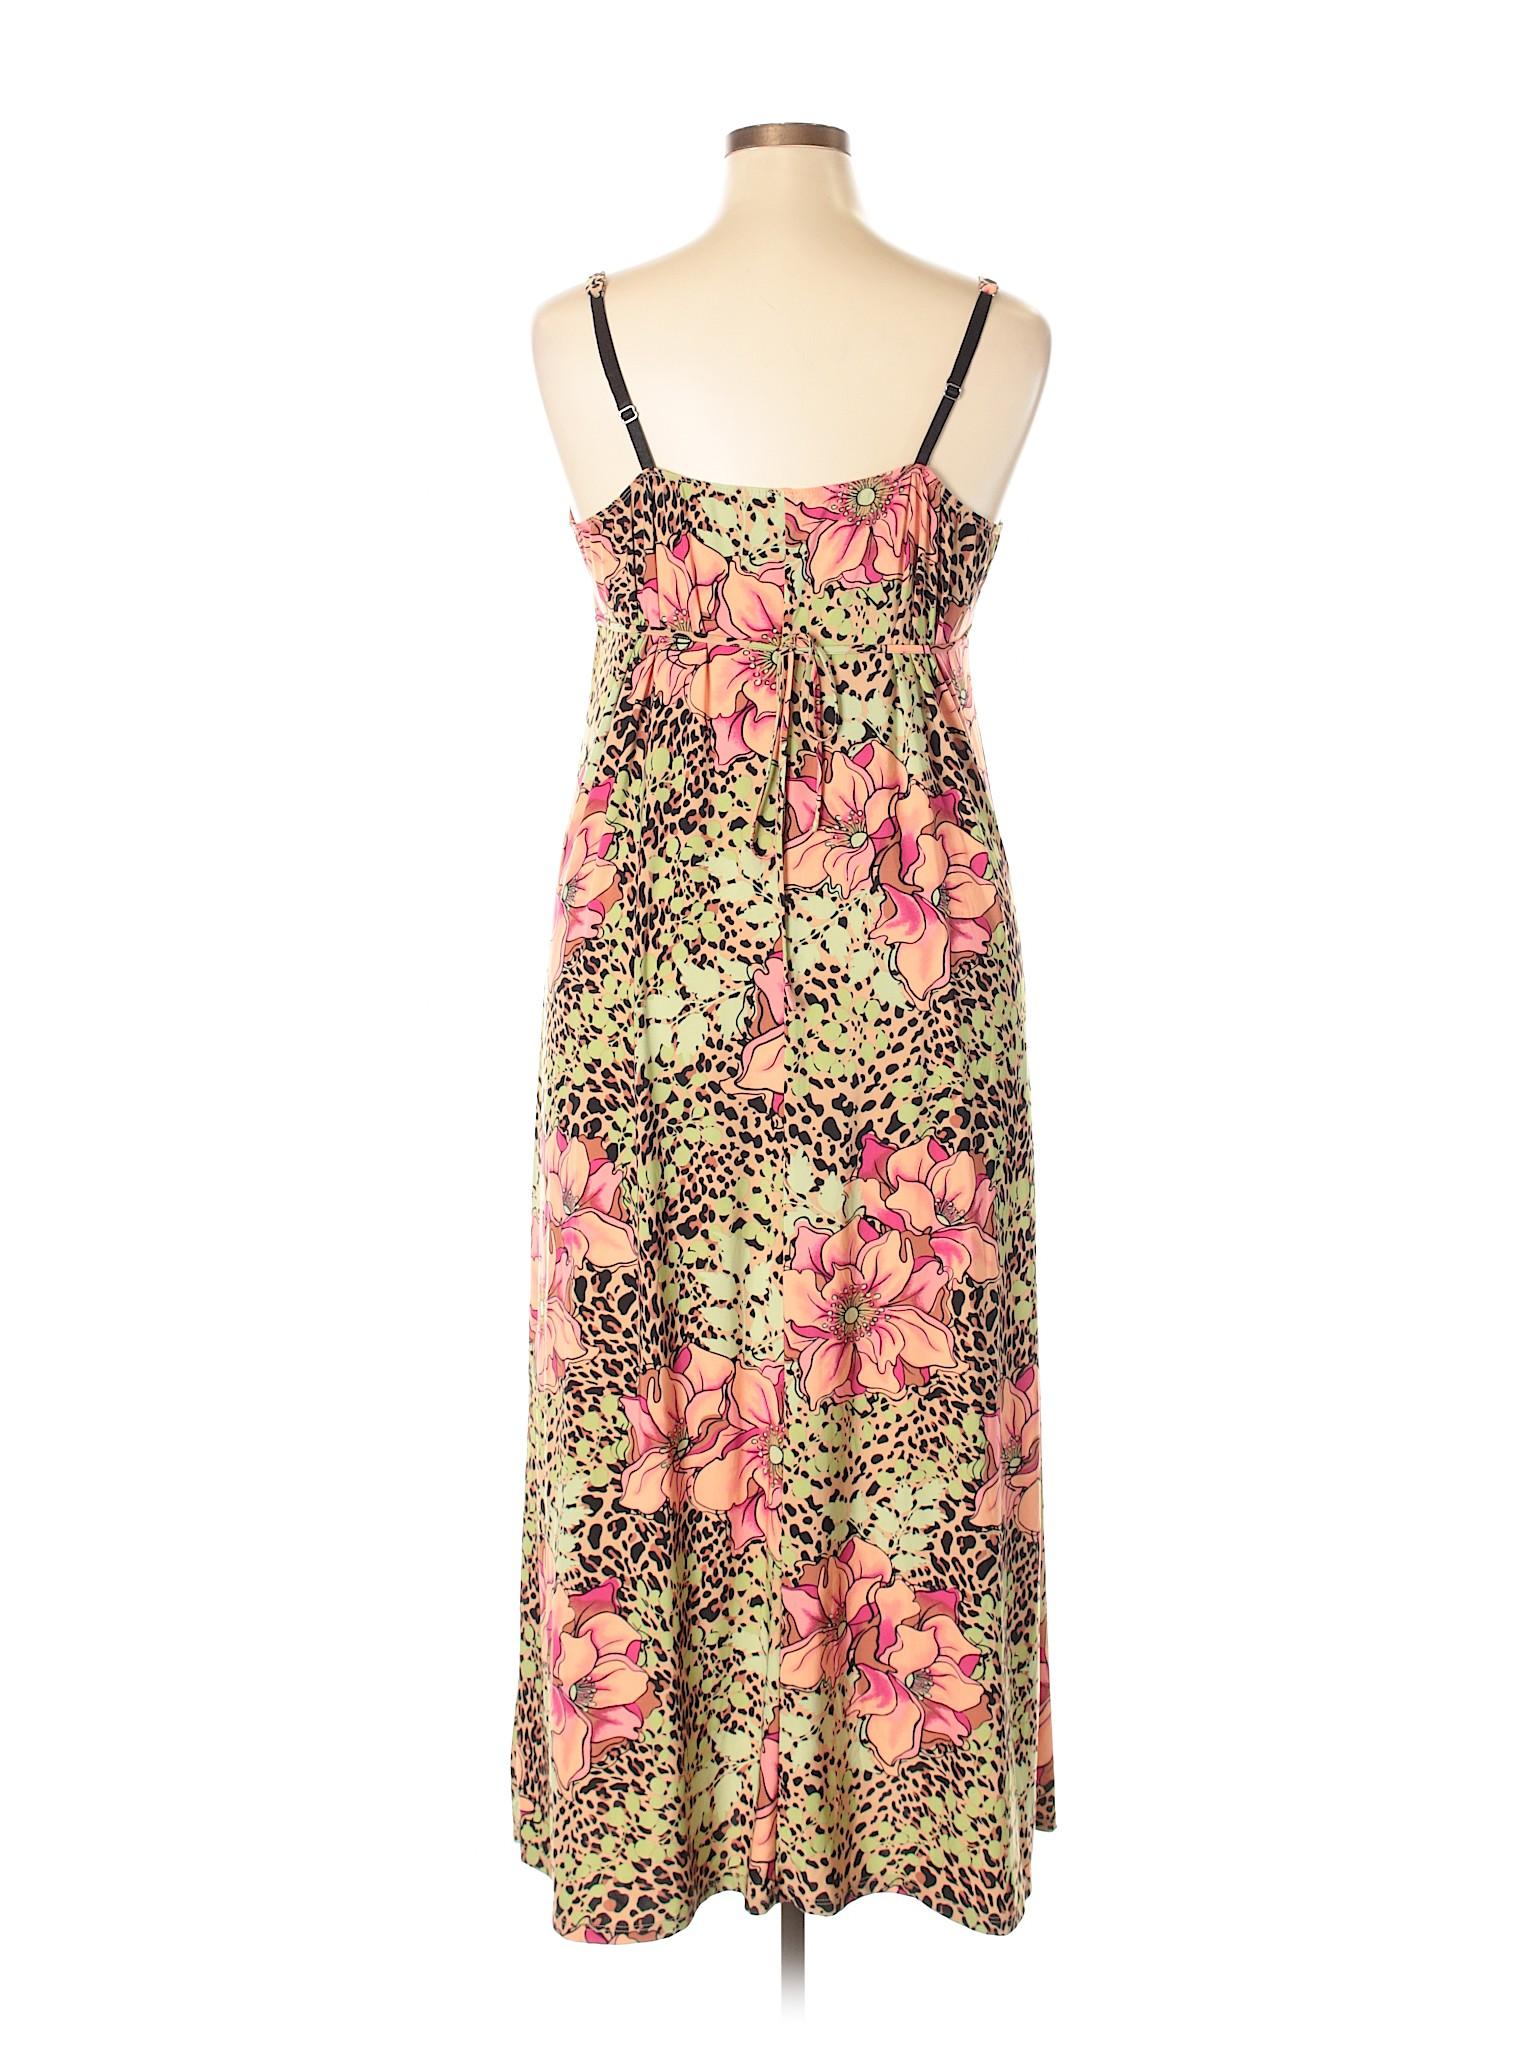 Ambrielle Boutique Casual Dress Boutique winter winter qtfrztw